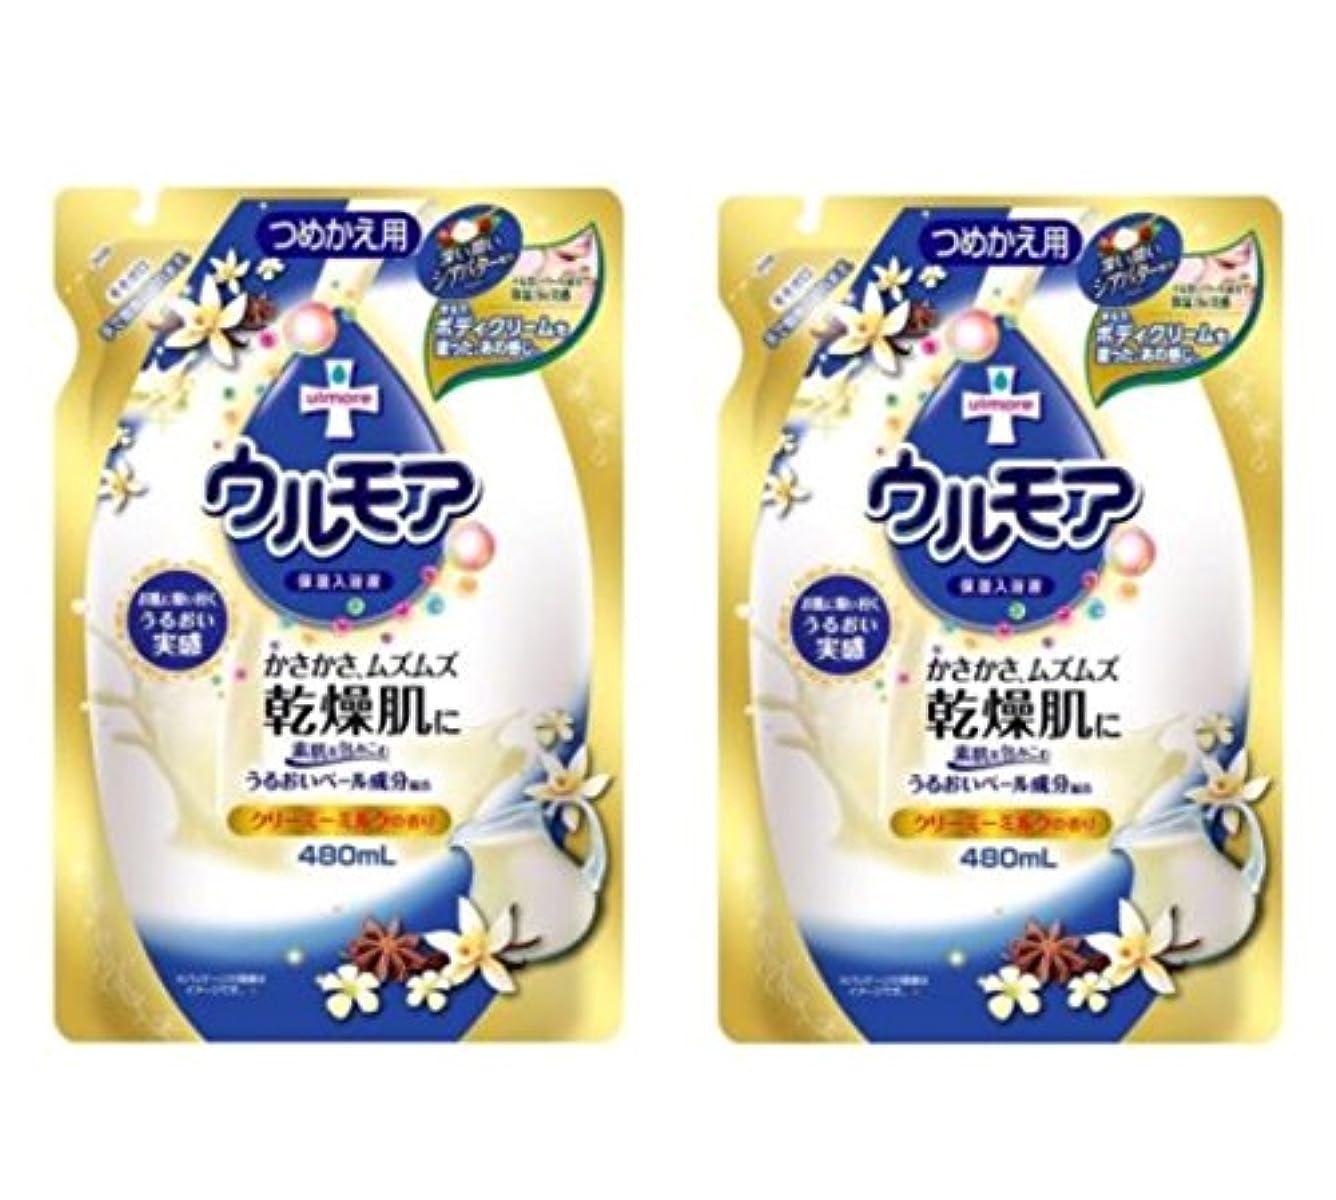 騒ぎアルコール消化アース製薬 保湿入浴液 ウルモア クリーミーミルク詰替 480ml×2個セット